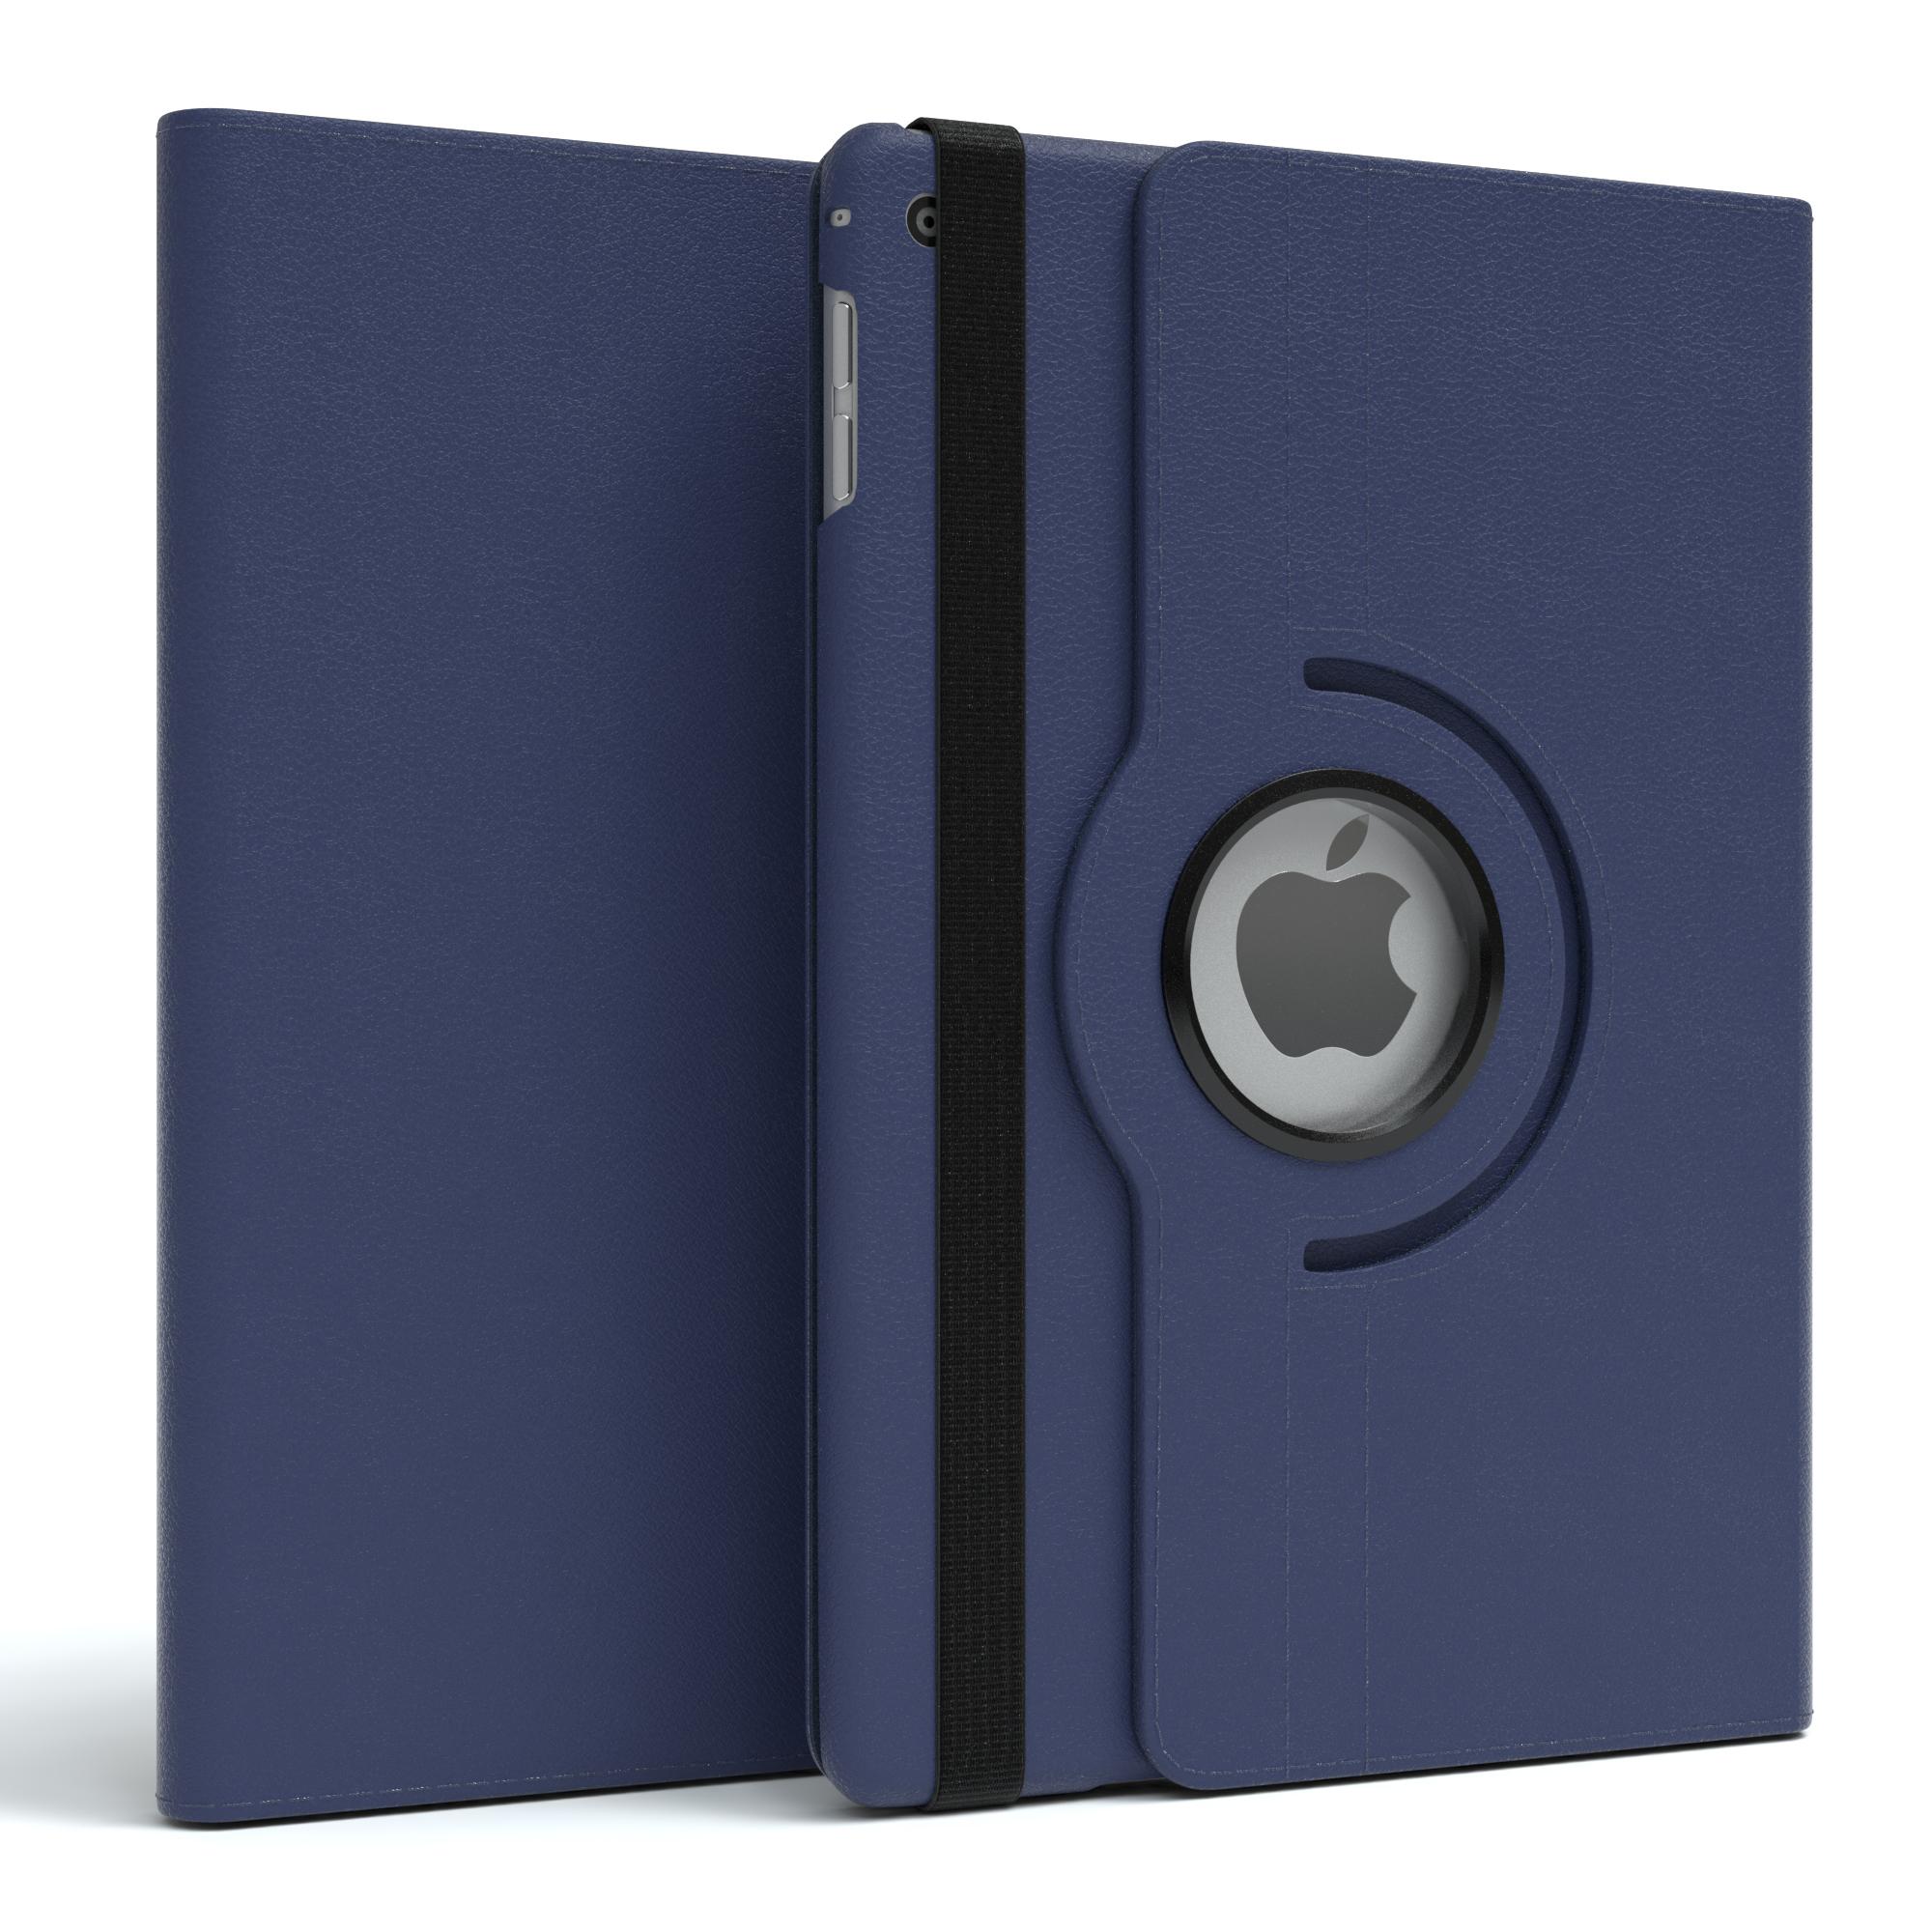 Tasche-fuer-Apple-iPad-Smart-Case-Schutz-Huelle-Etui-Tasche-Bumper-Flip-Cover-360 Indexbild 18